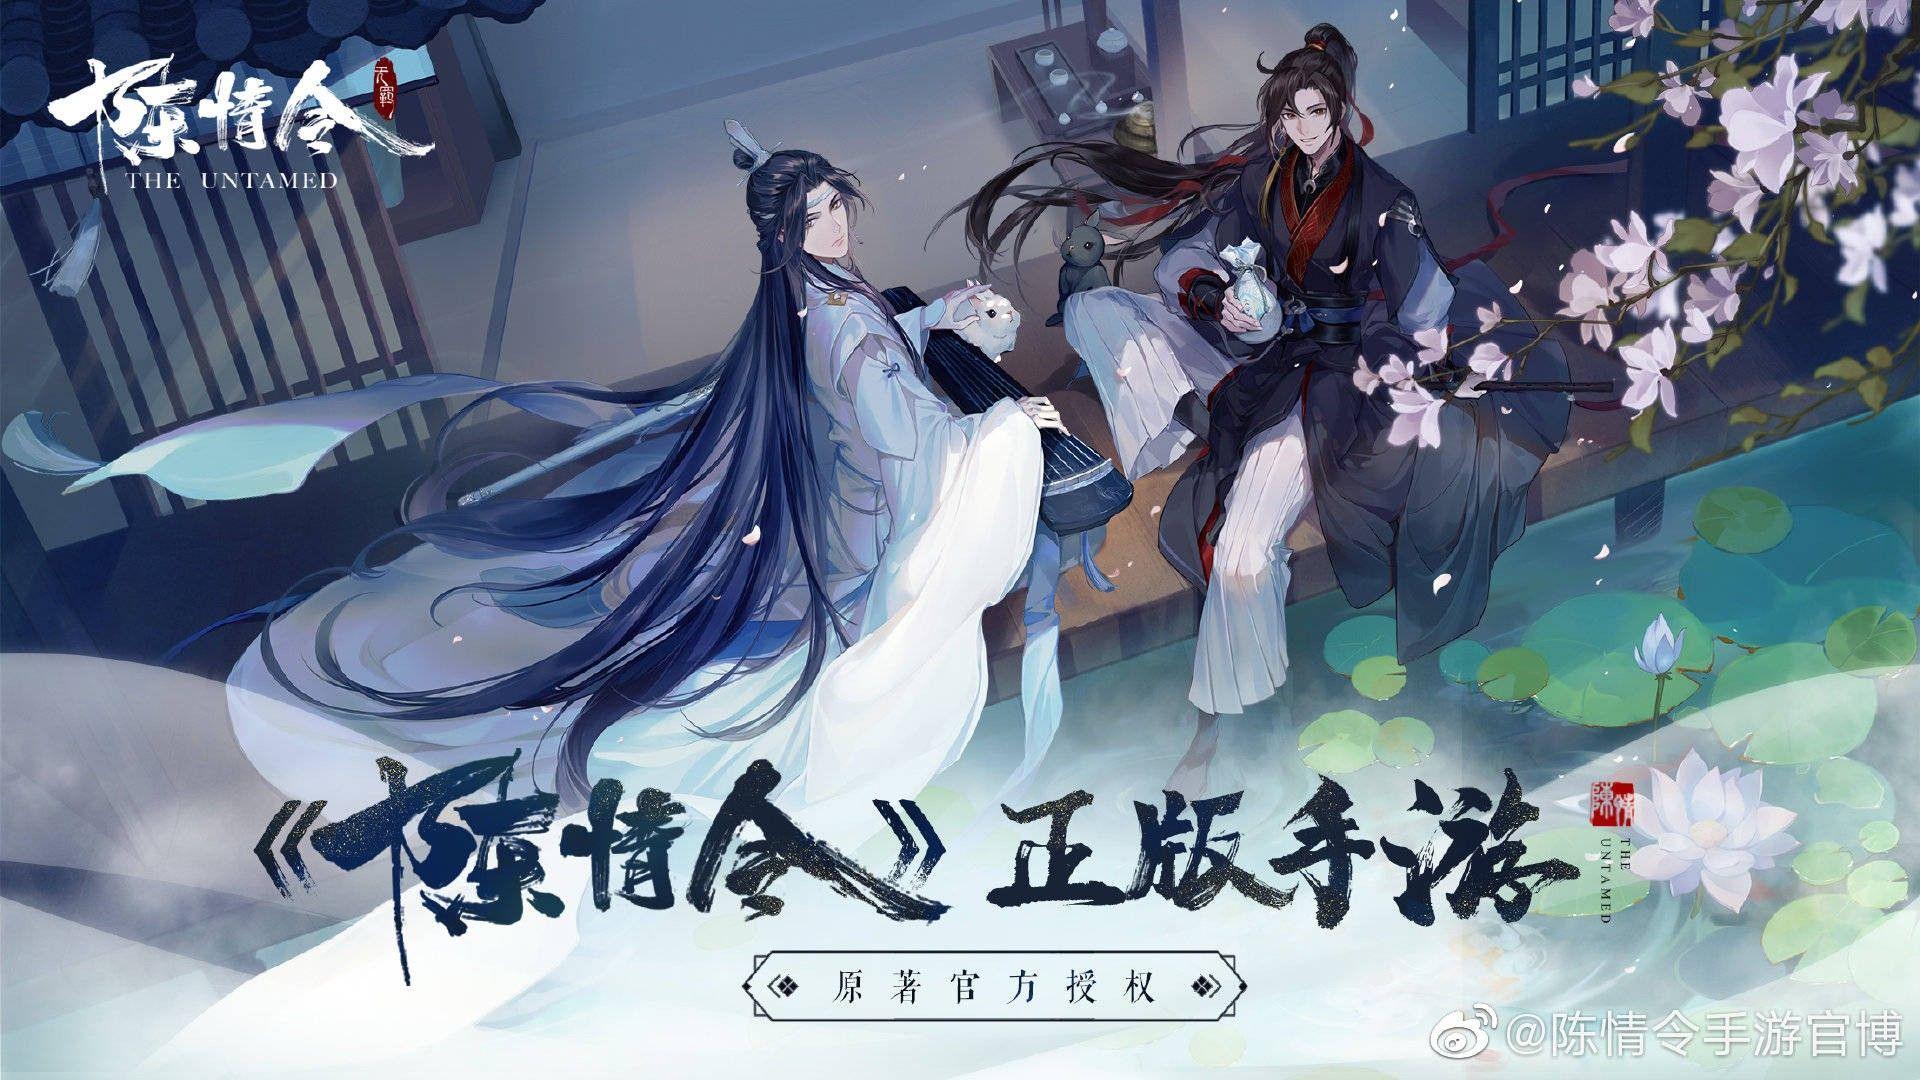 Pin By Ven 107 On 魔道祖師 Ma đạo Tổ Sư Mobile Game Anime Anime Wallpaper